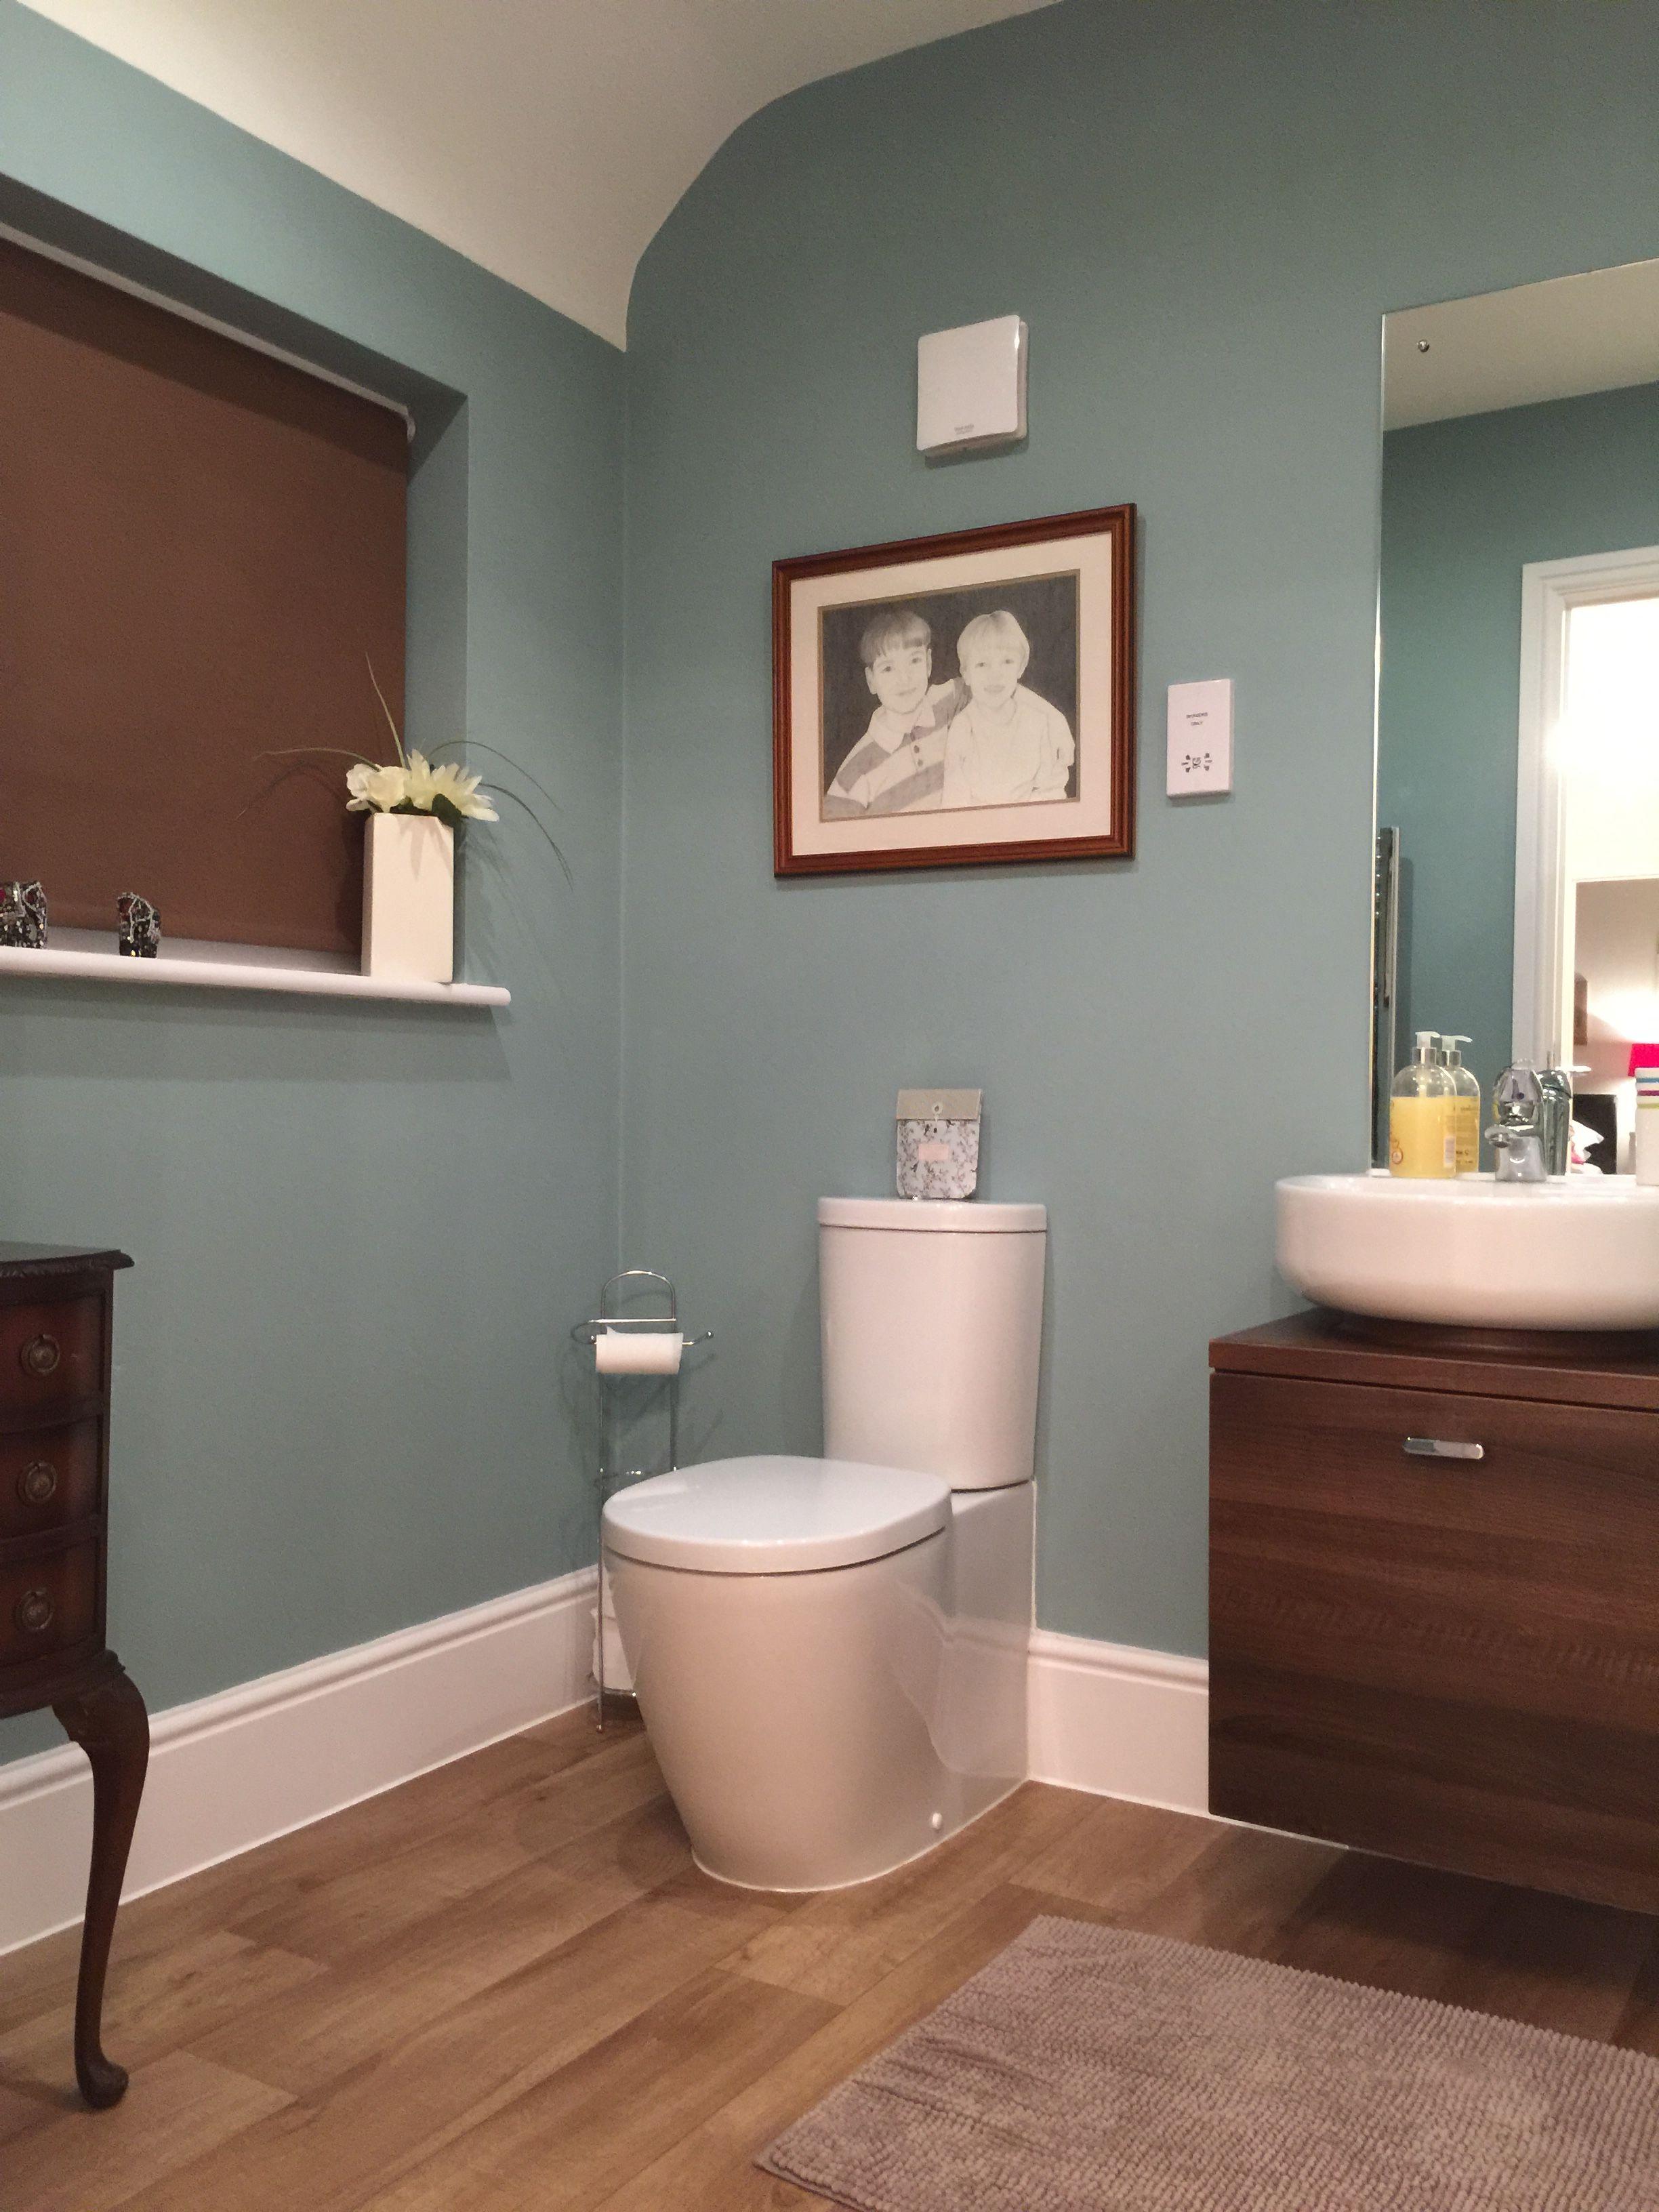 Bathroom Wall Colour Dix Blue By Farrow And Ball Bad Wandfarben Blaues Badezimmer Badezimmer Farbideen